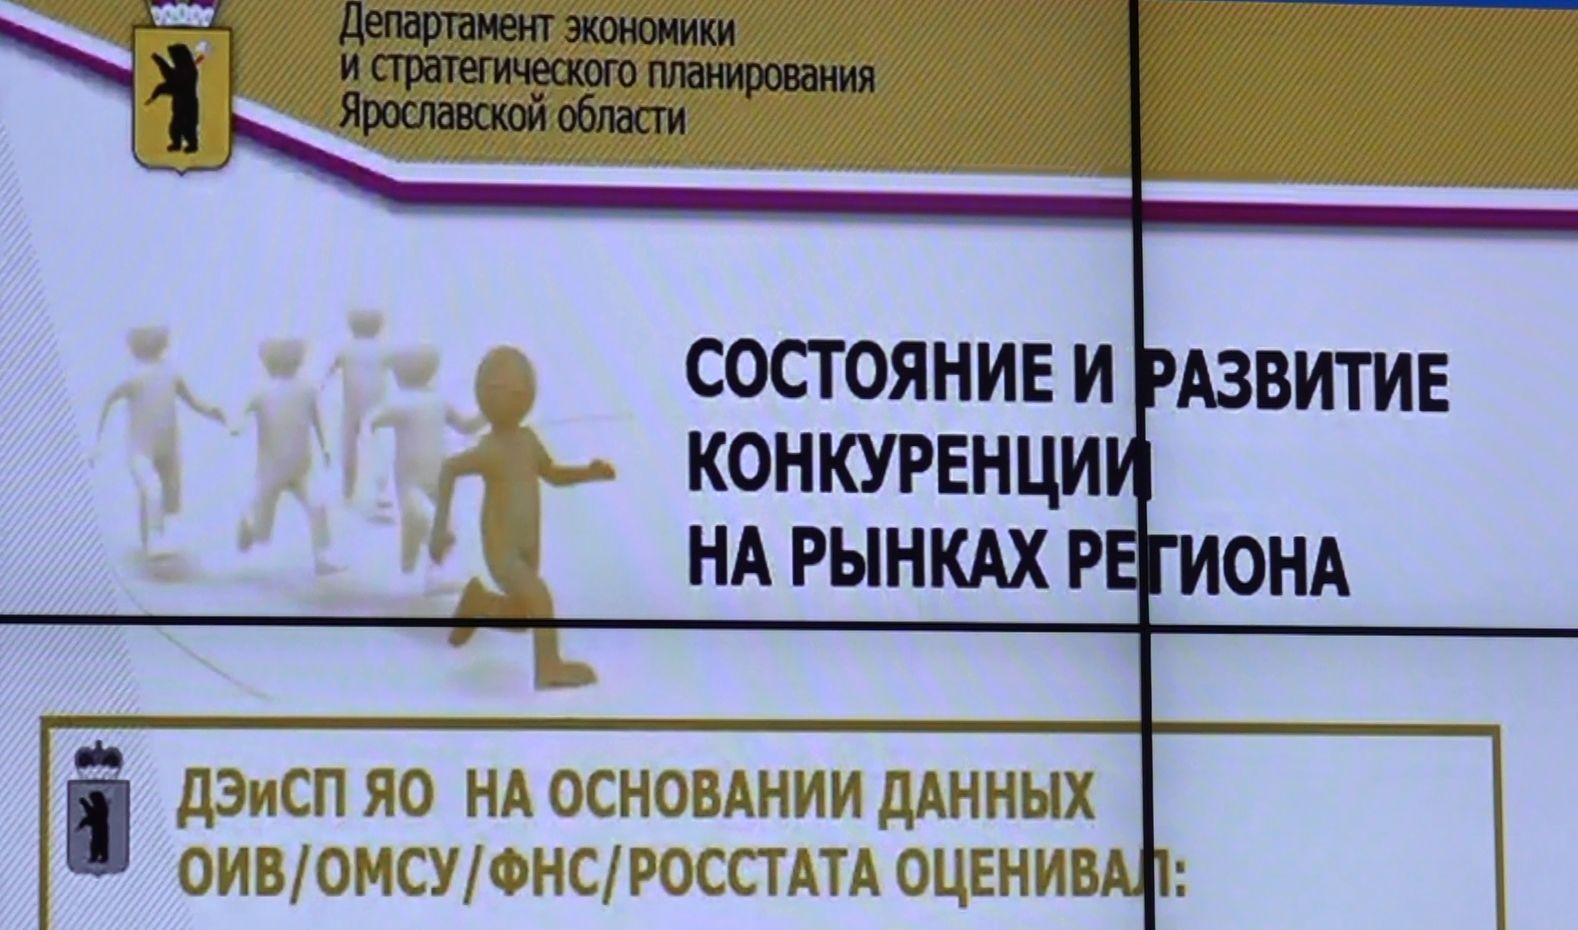 В 2021 году экономика Ярославской области восстановилась до пандемийного уровня